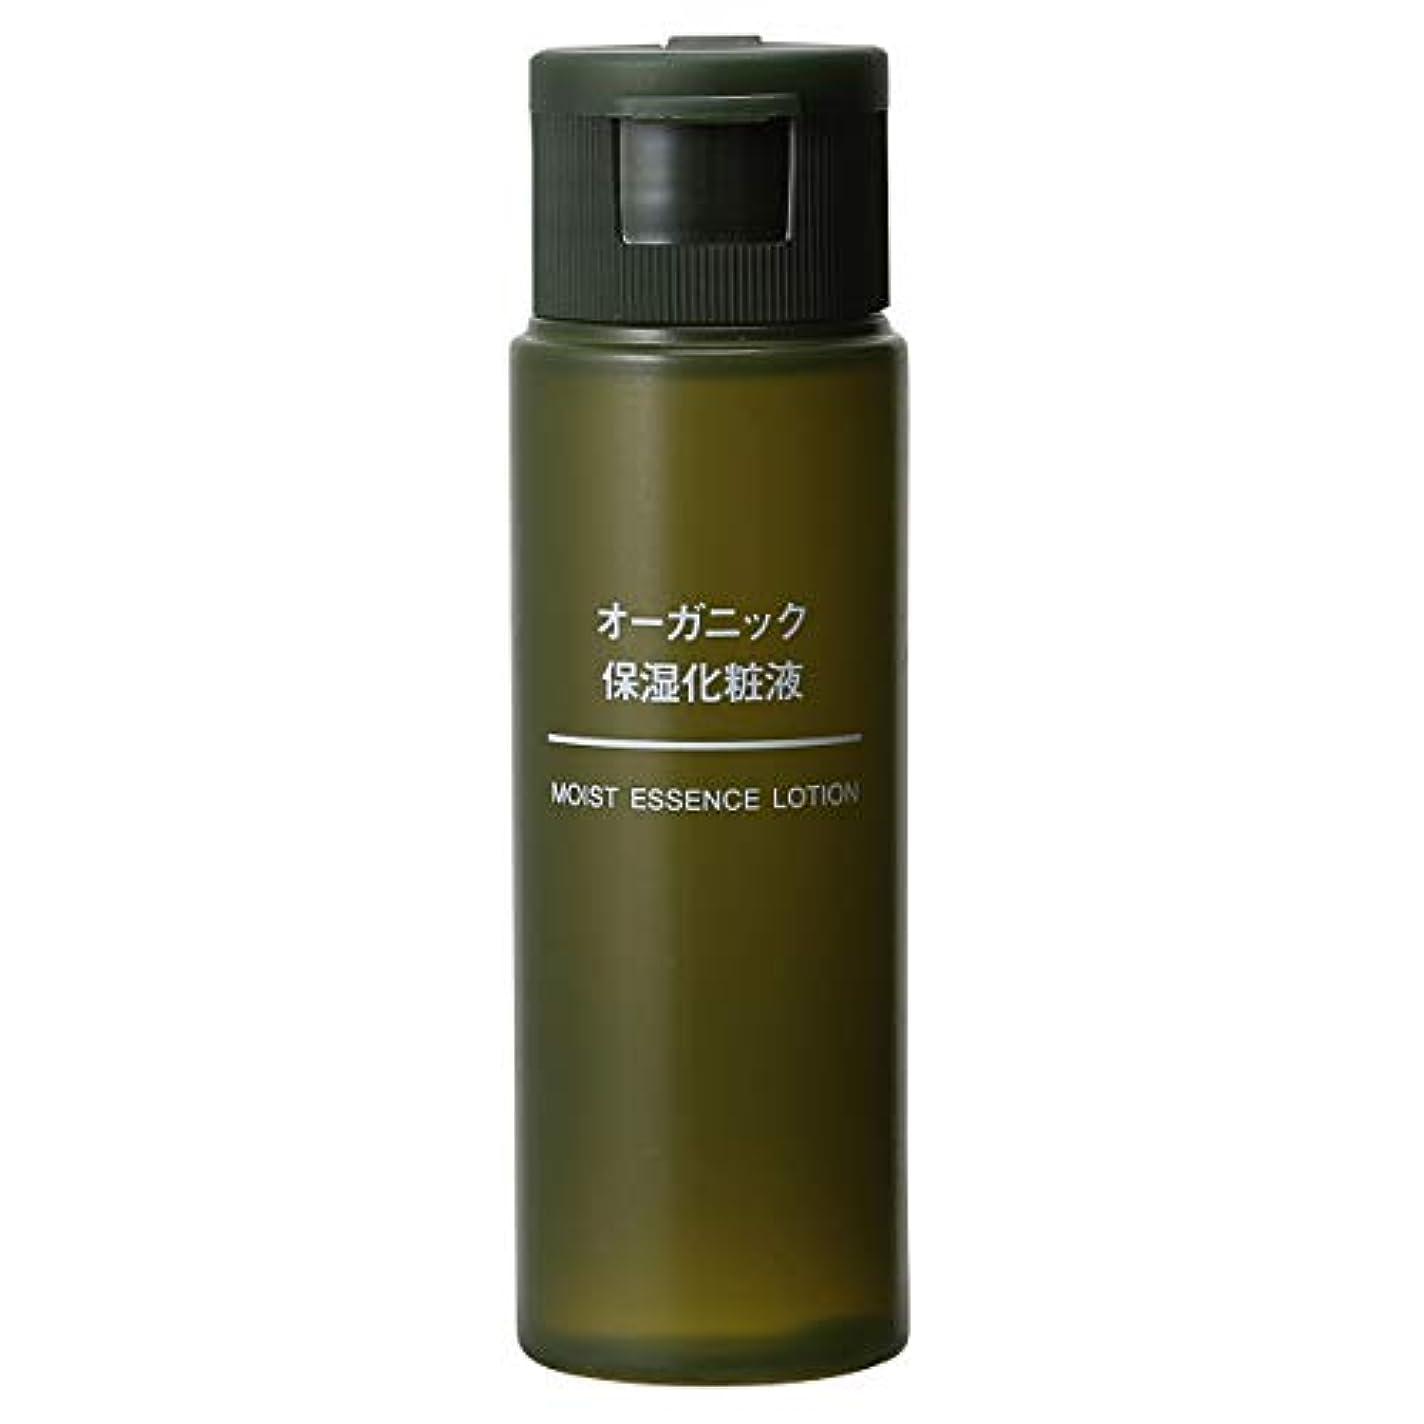 補助金神経障害いとこ無印良品 オーガニック保湿化粧液(携帯用) 50ml